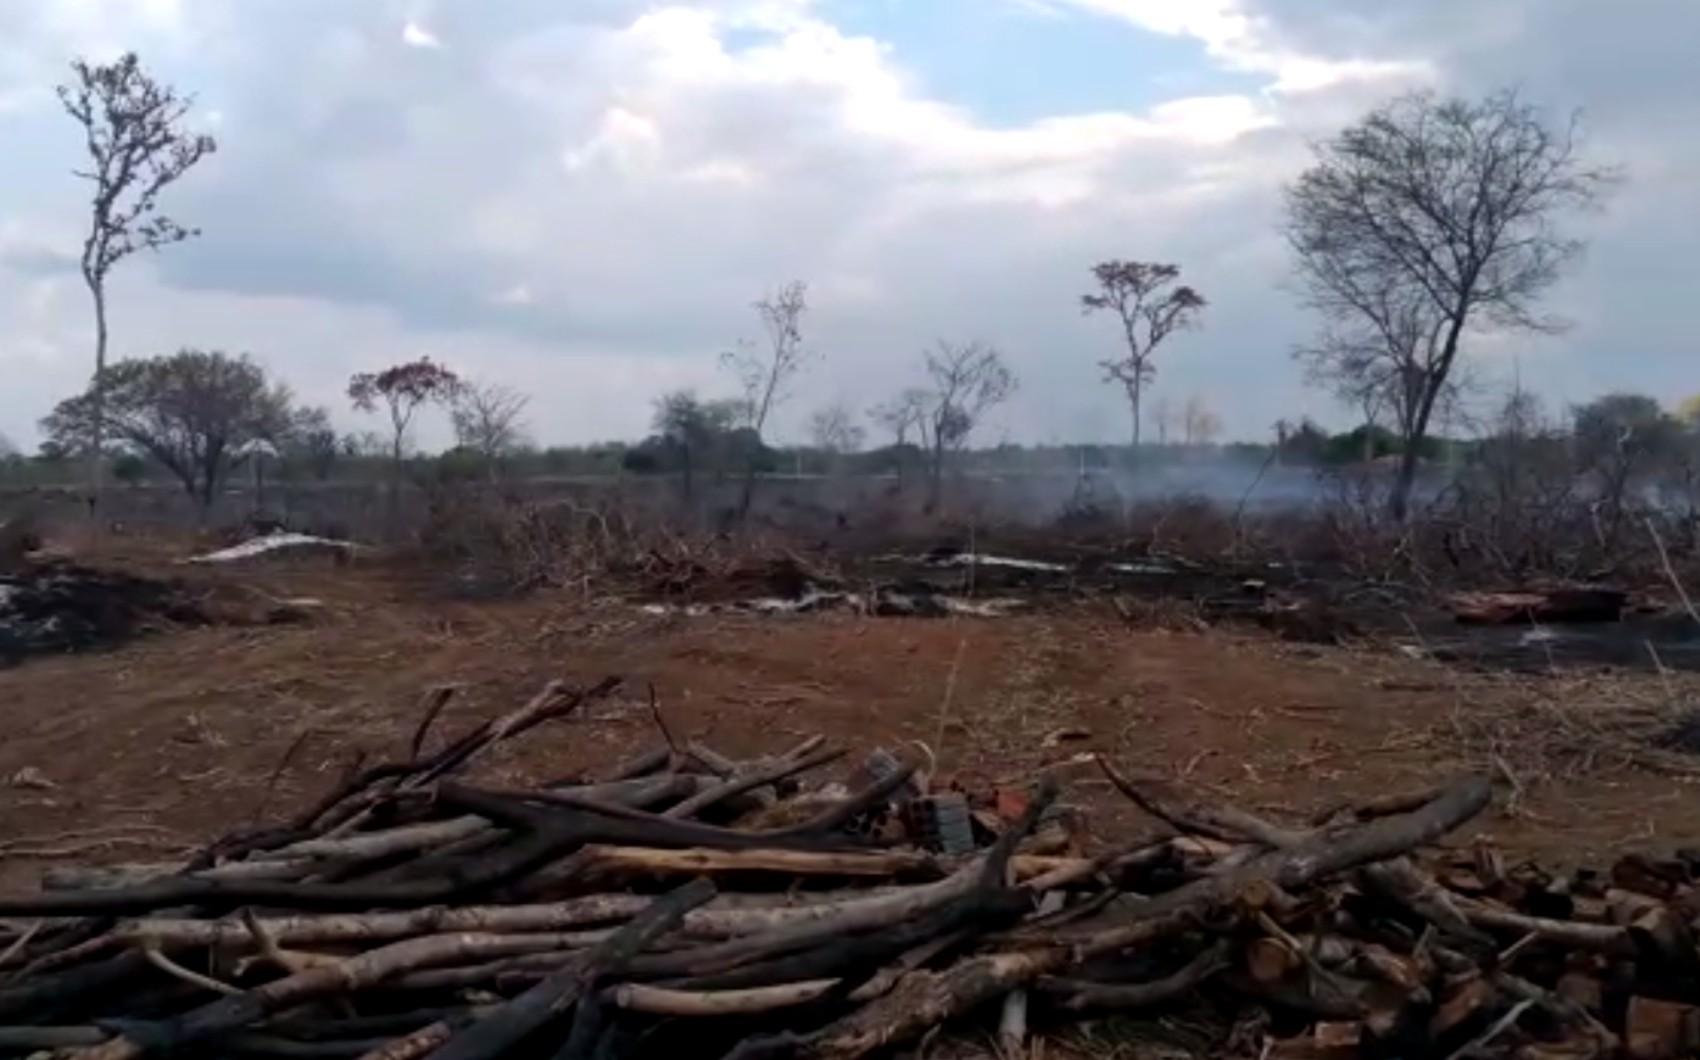 Inema registra devastação em área de Mata Atlântica equivalente a 590 campos de futebol no interior da BA